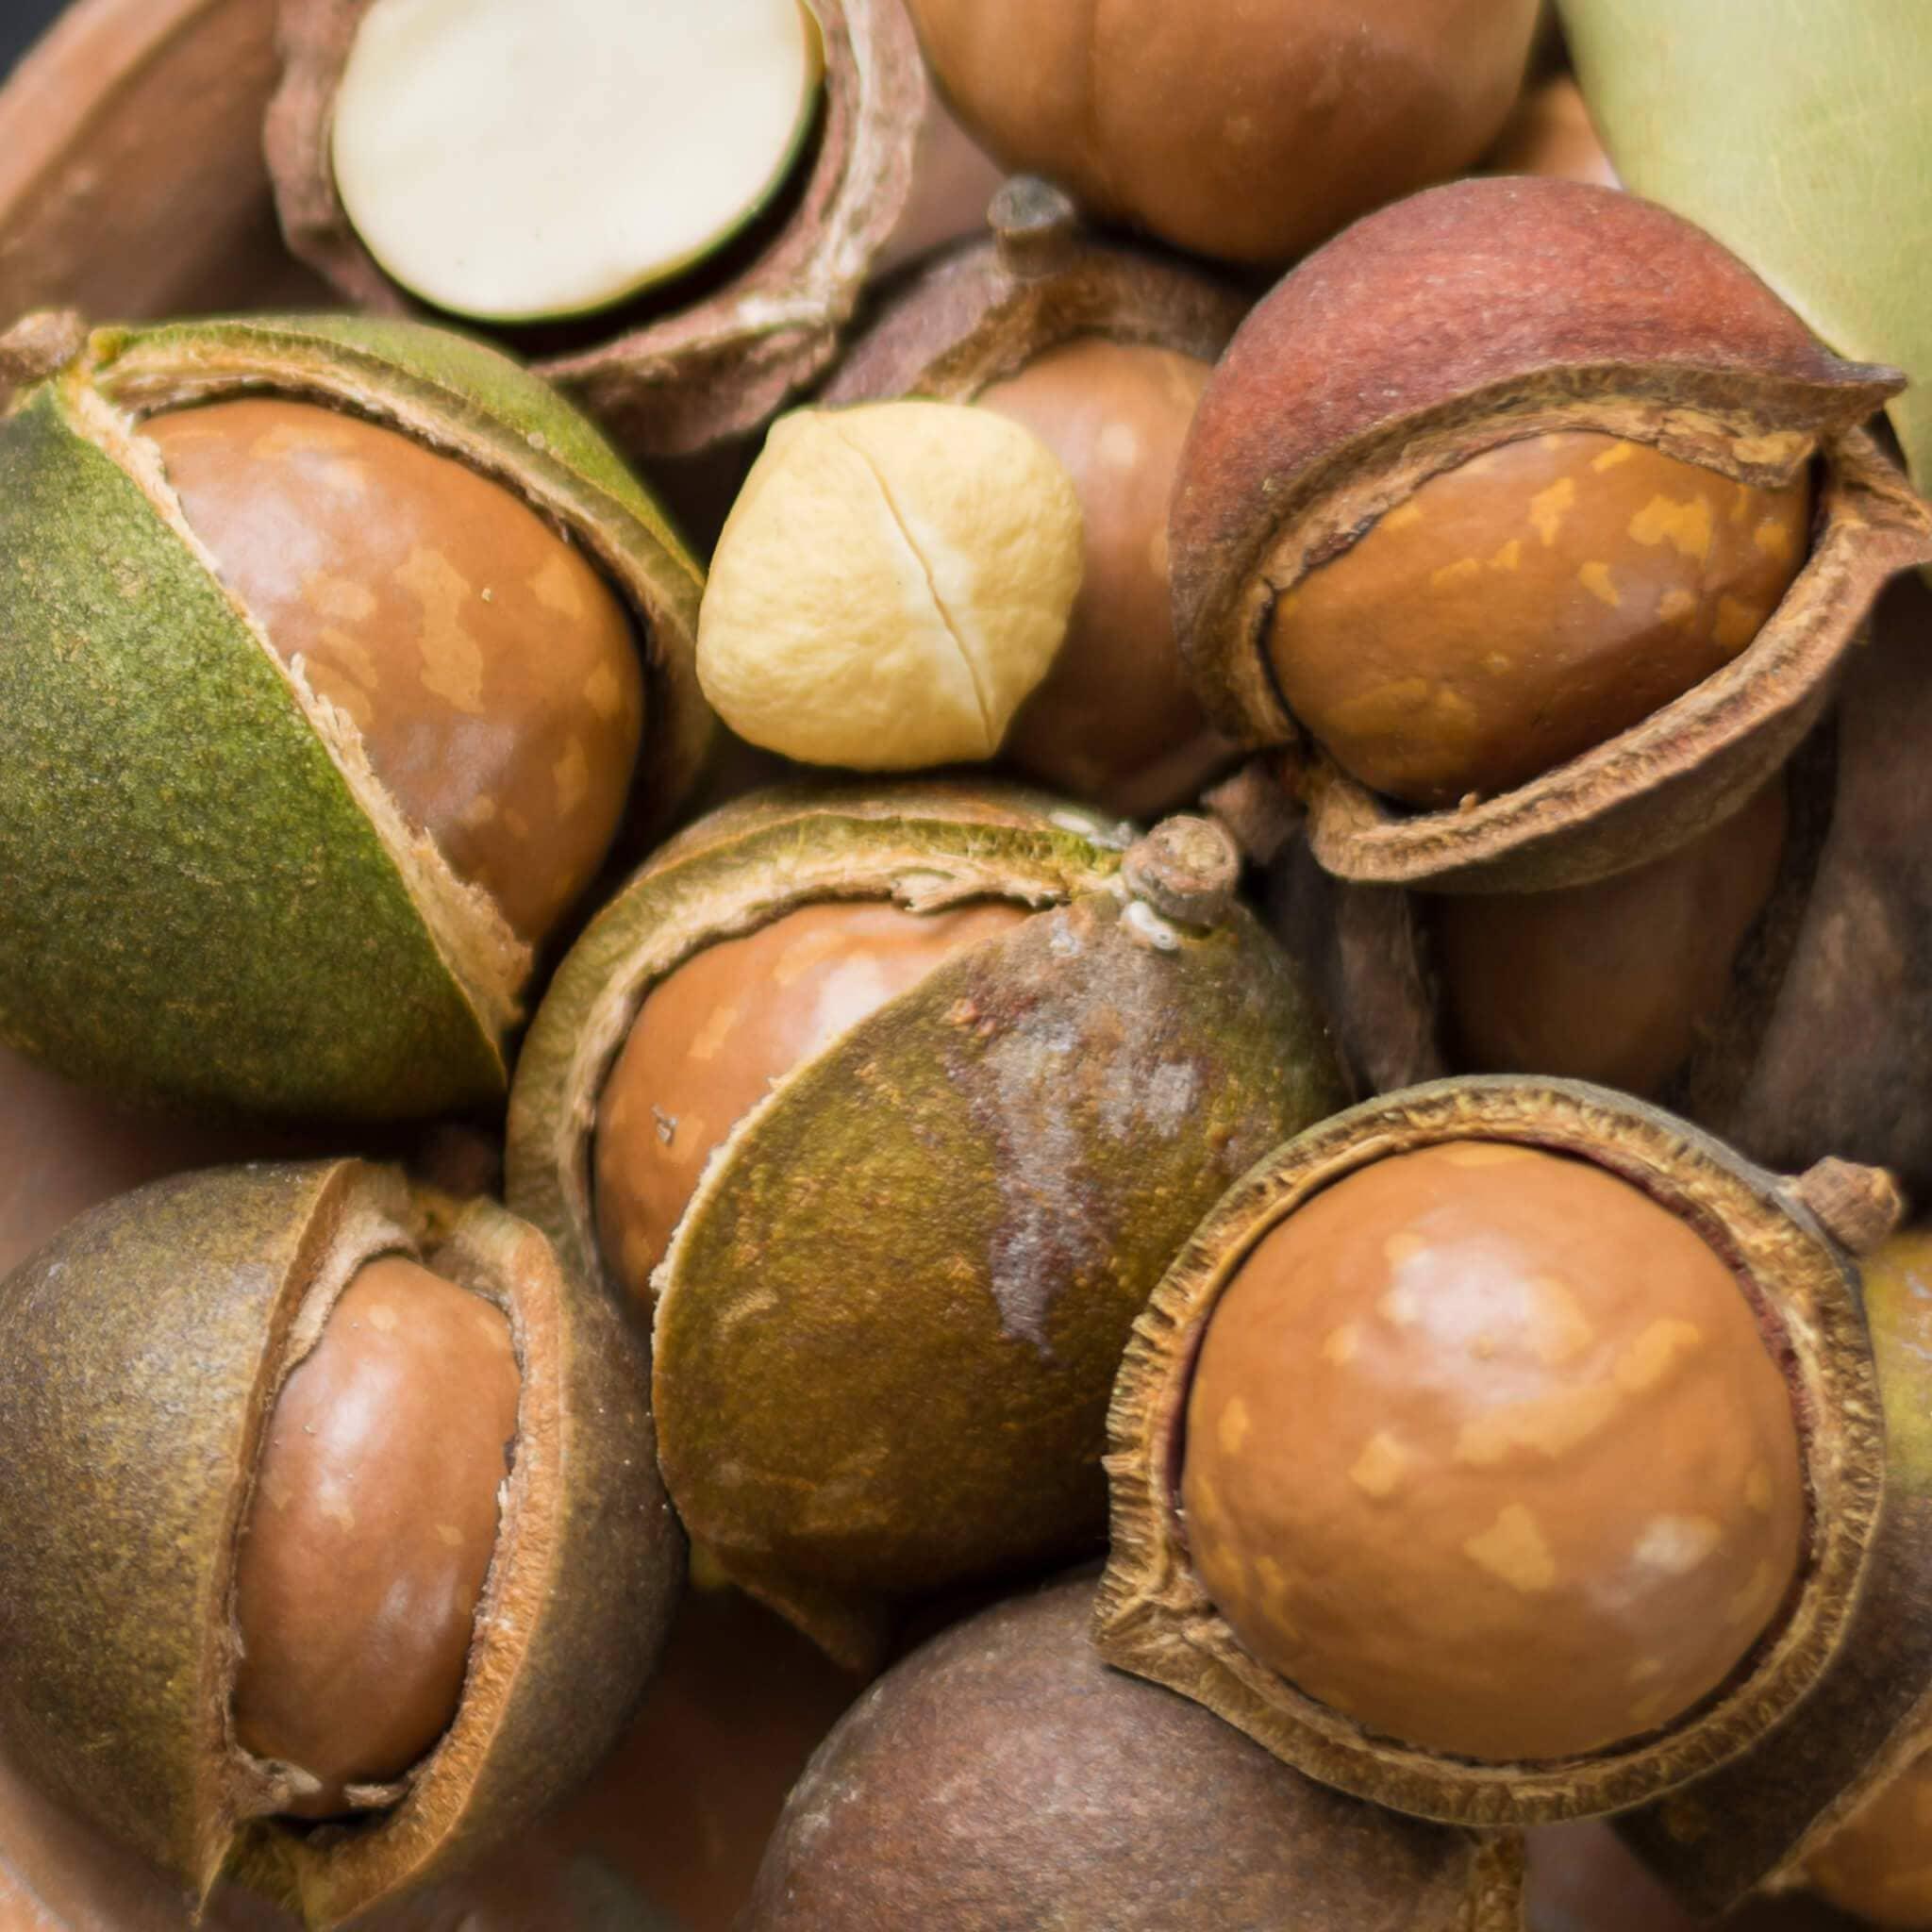 Орех макадамия: польза и вред | полезные свойства и противопоказания для женщин и мужчин